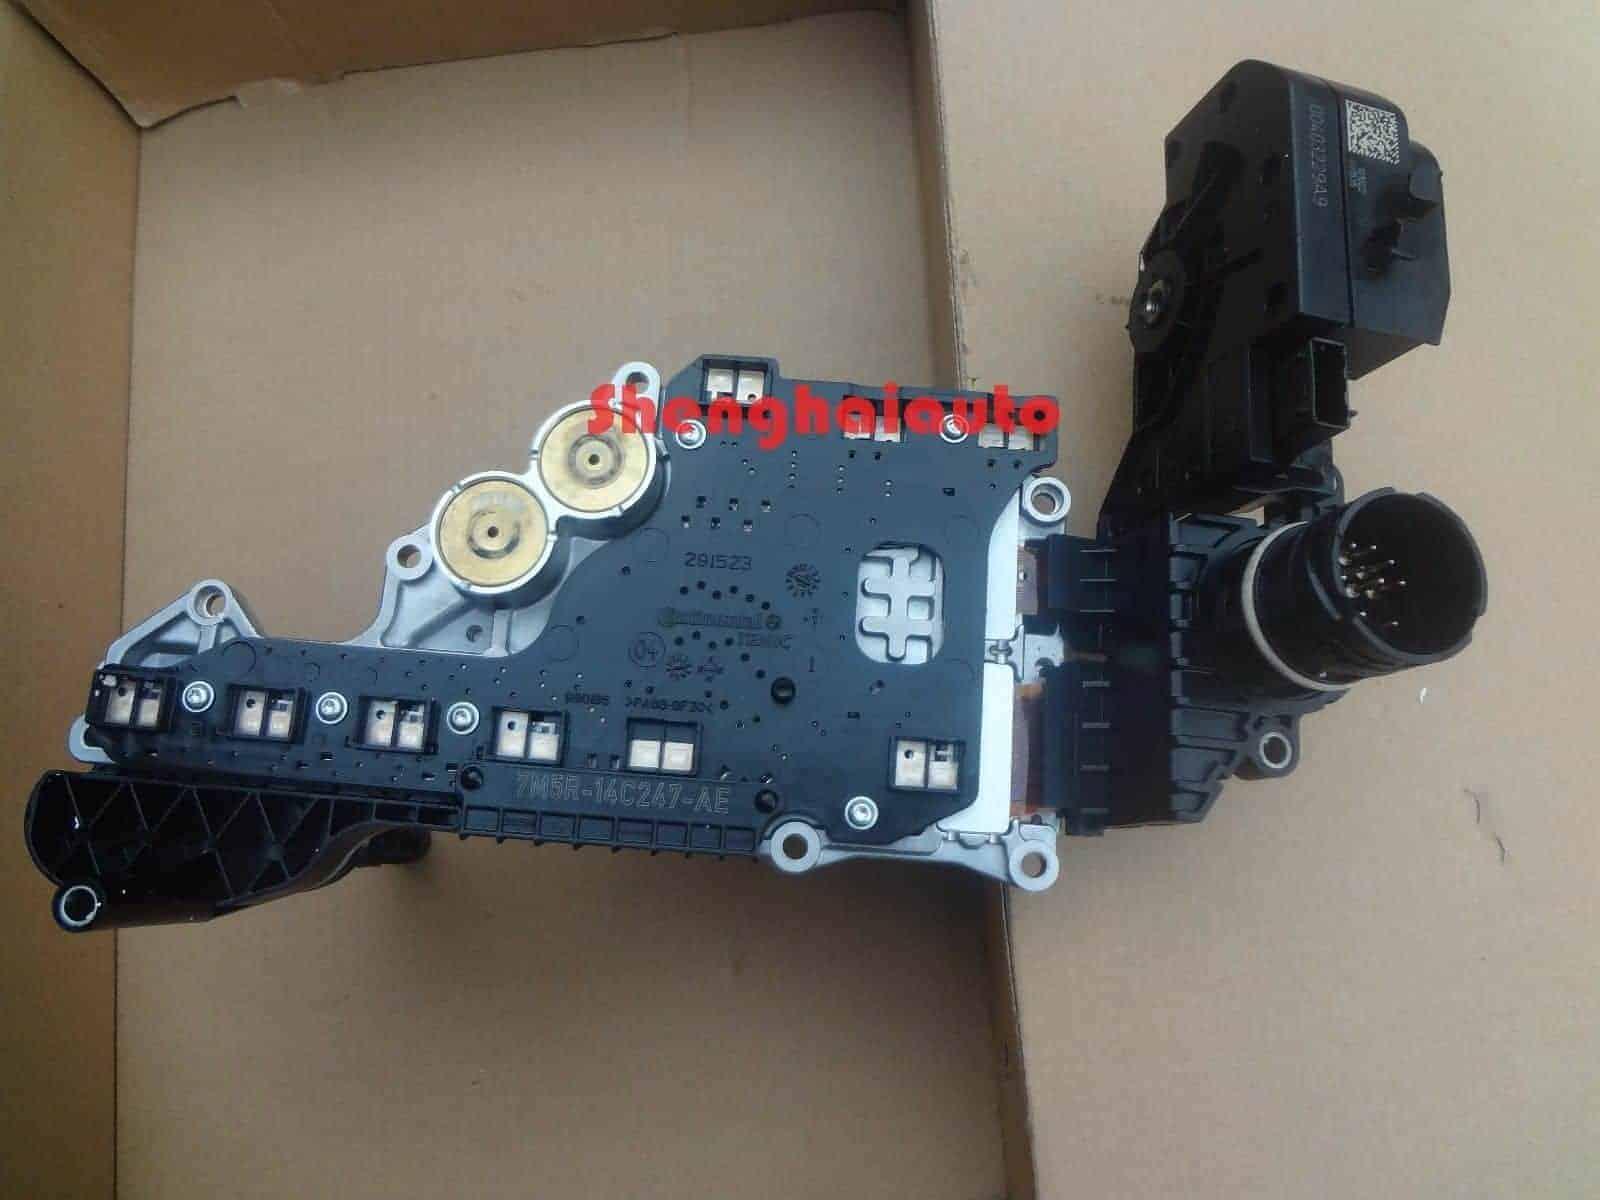 Mps6 6dct450 Transmission Control Module For Sebring Dodge Avenger Ford Volvo C30 C70